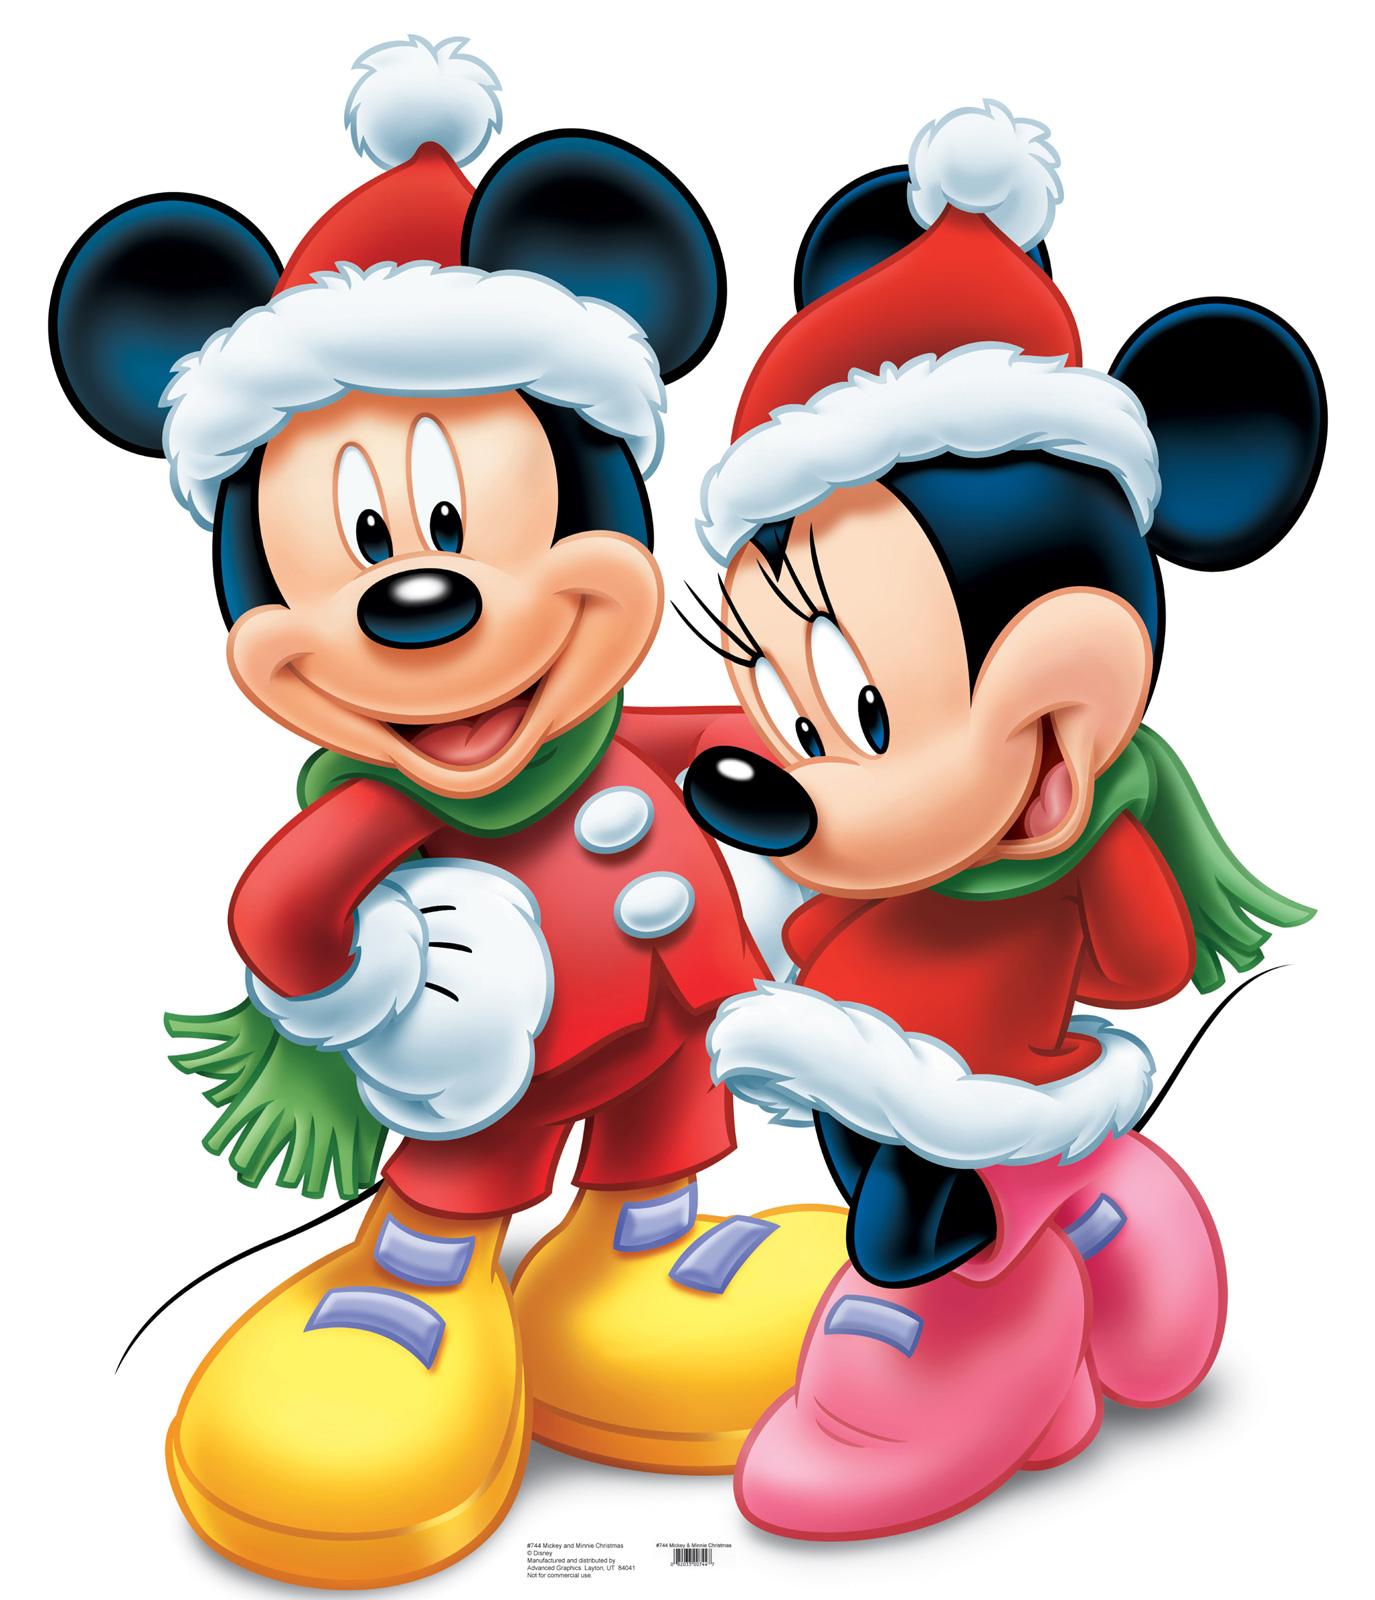 BAL DE NAVIDAD Fondos Minnie Mouse Y Mickey En Navidad